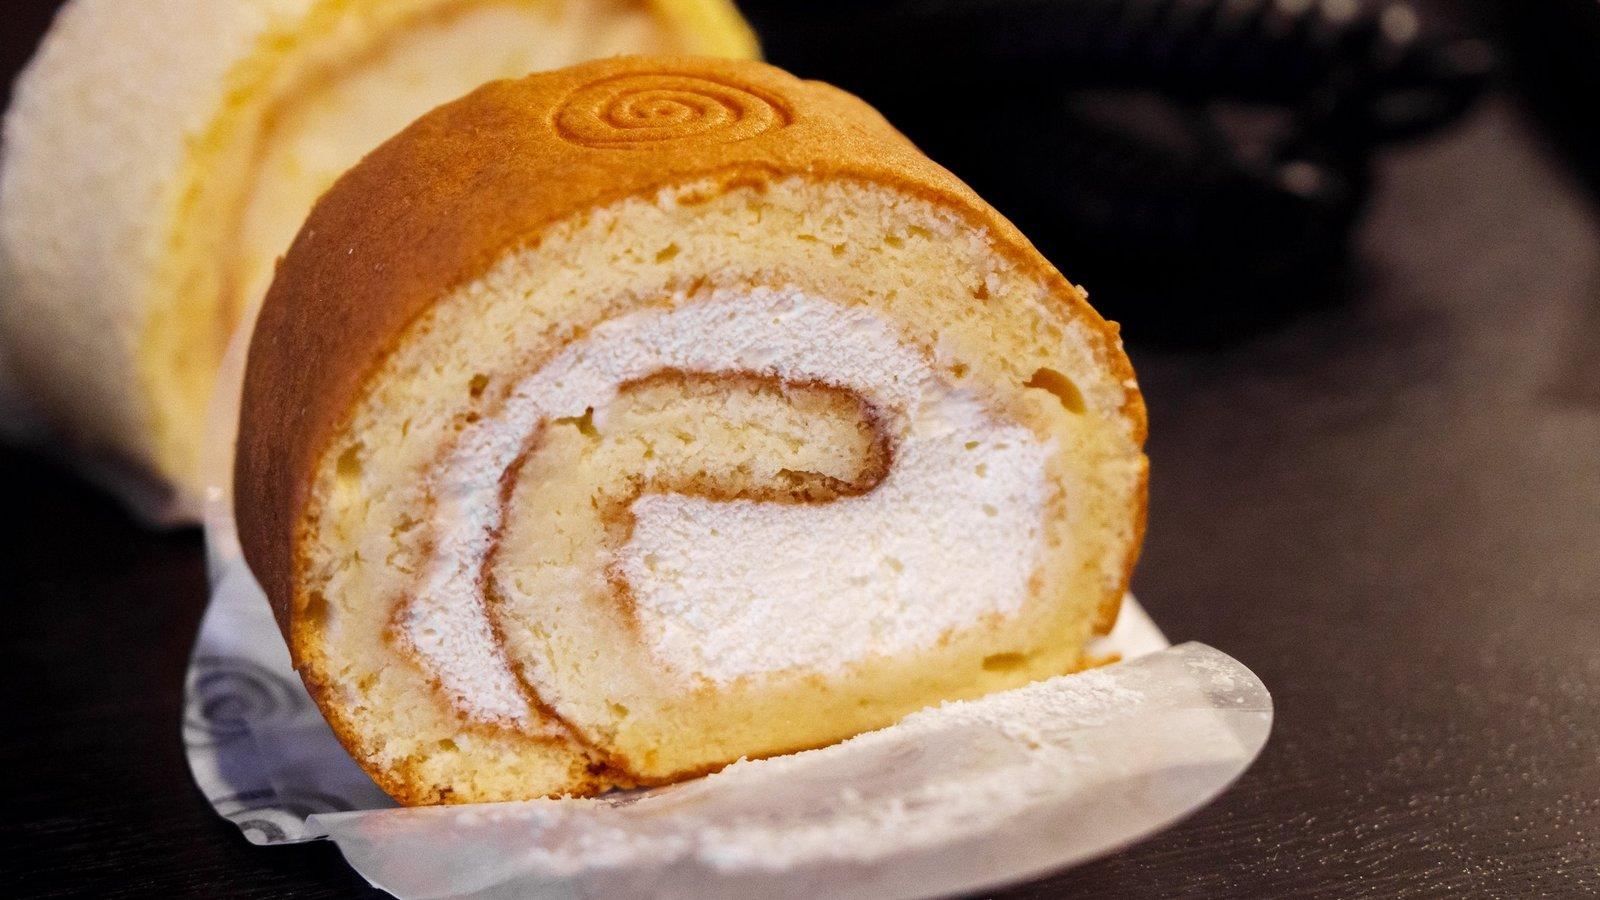 【東京美食】自由之丘 ロール屋 》樸實就很好吃的瑞士蛋糕捲專賣店 1